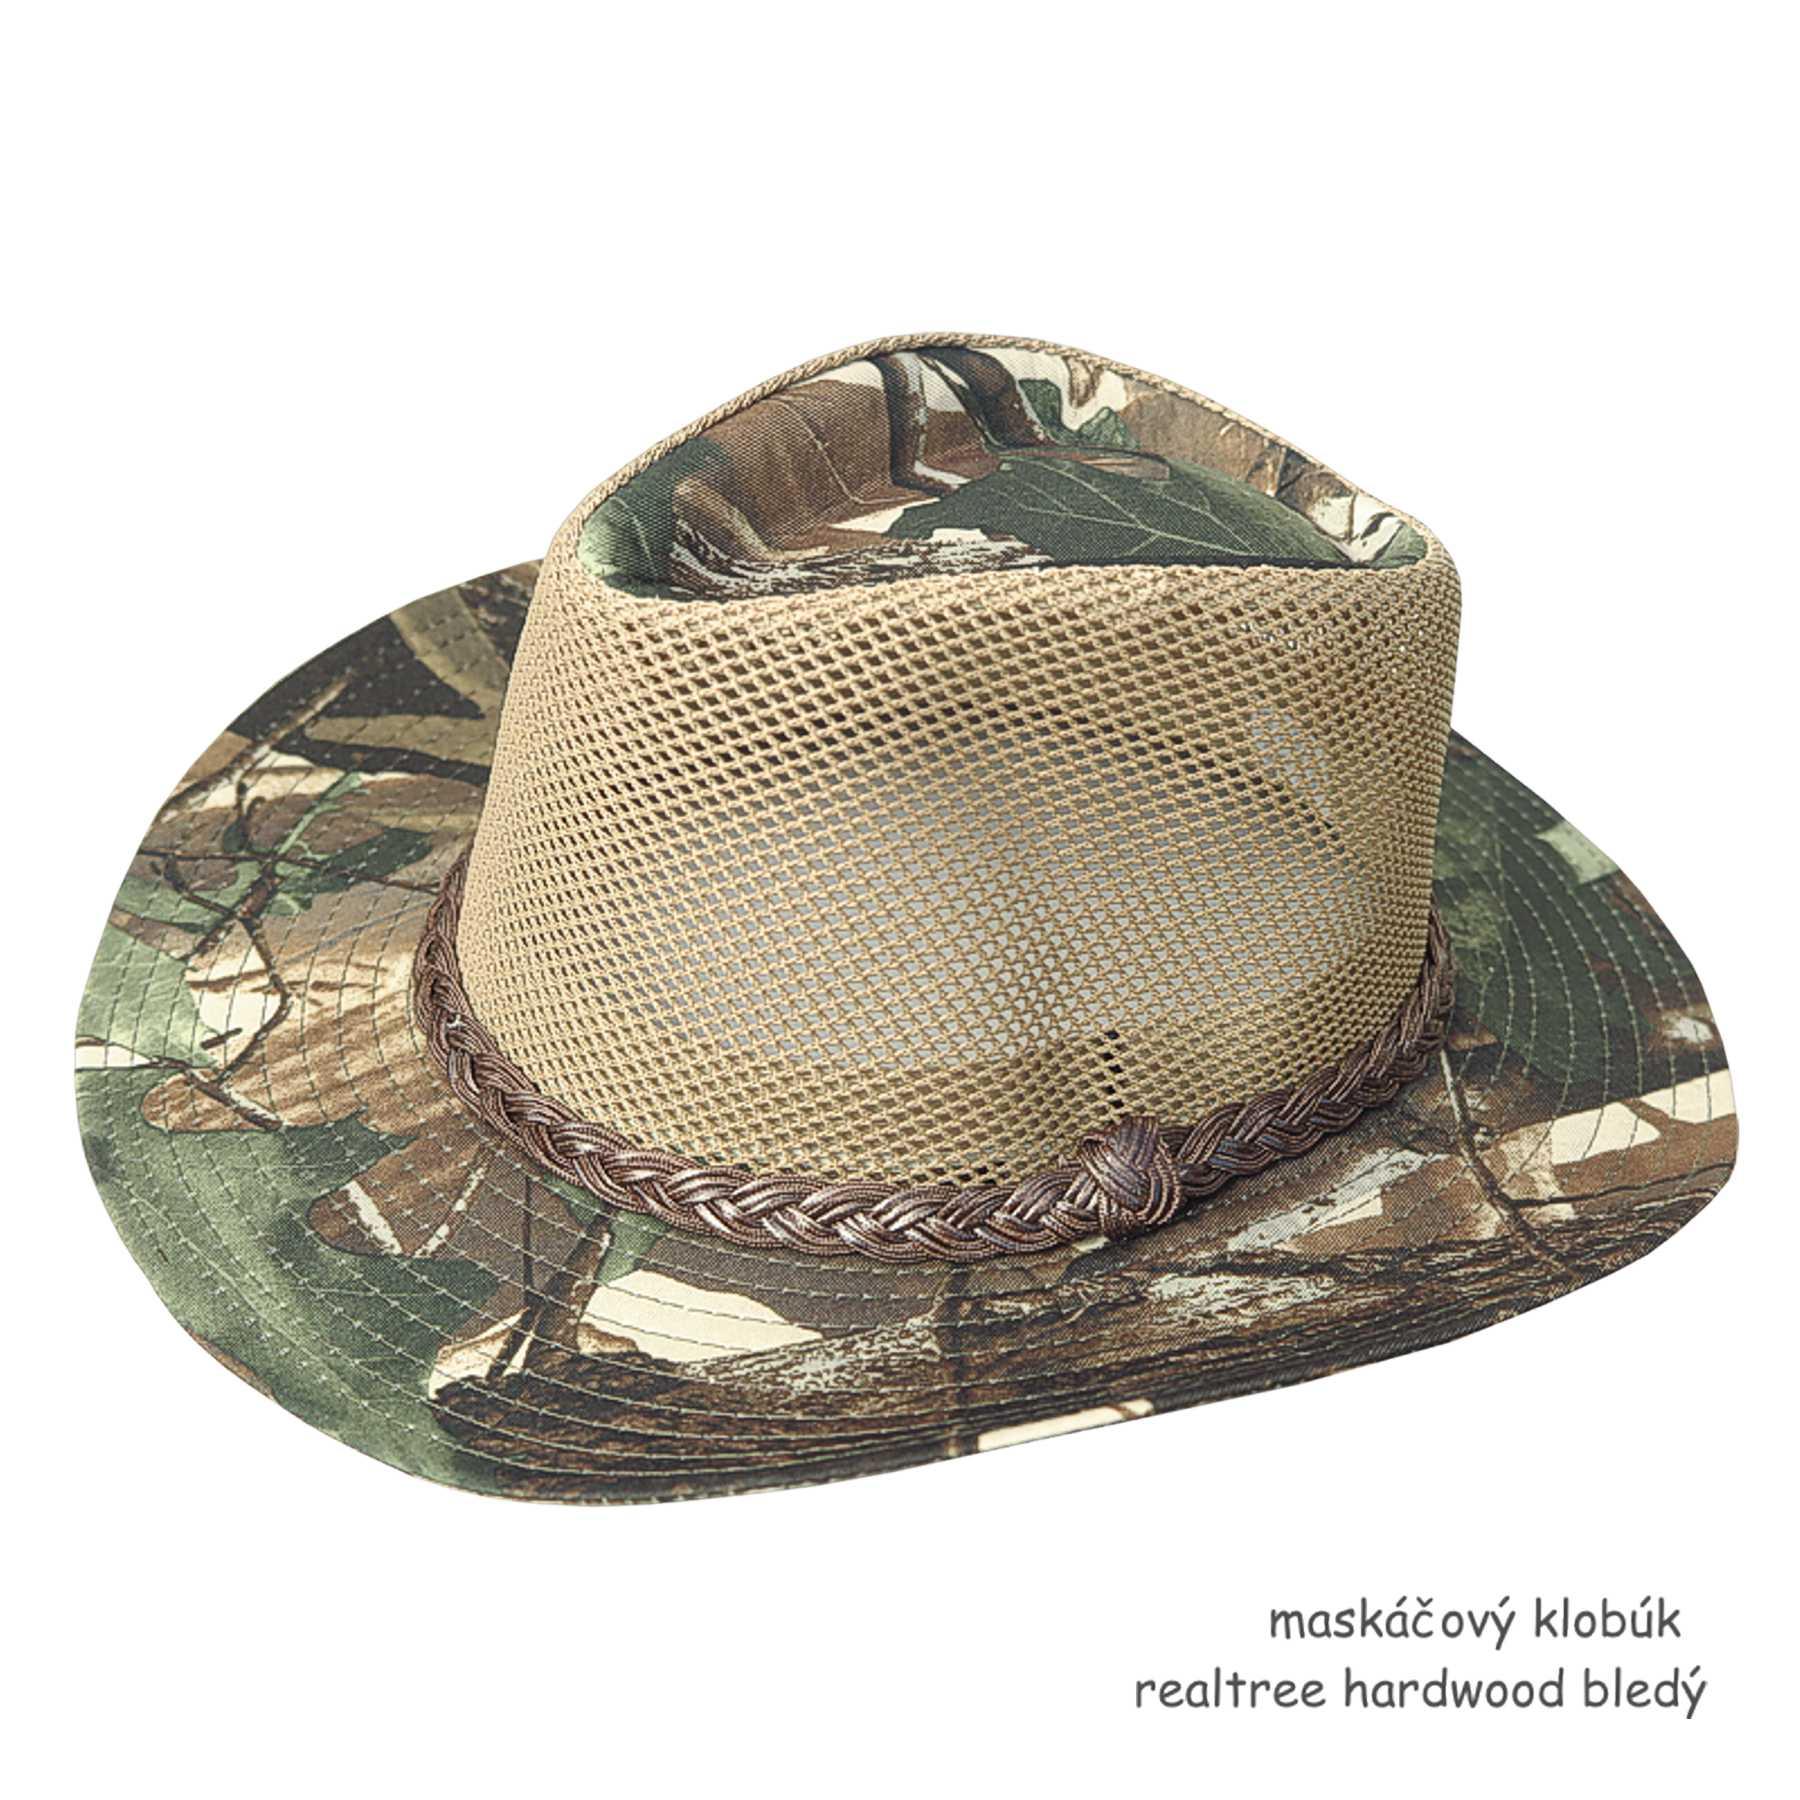 473dc166f maskáčový klobúk realtree hardwood bledý